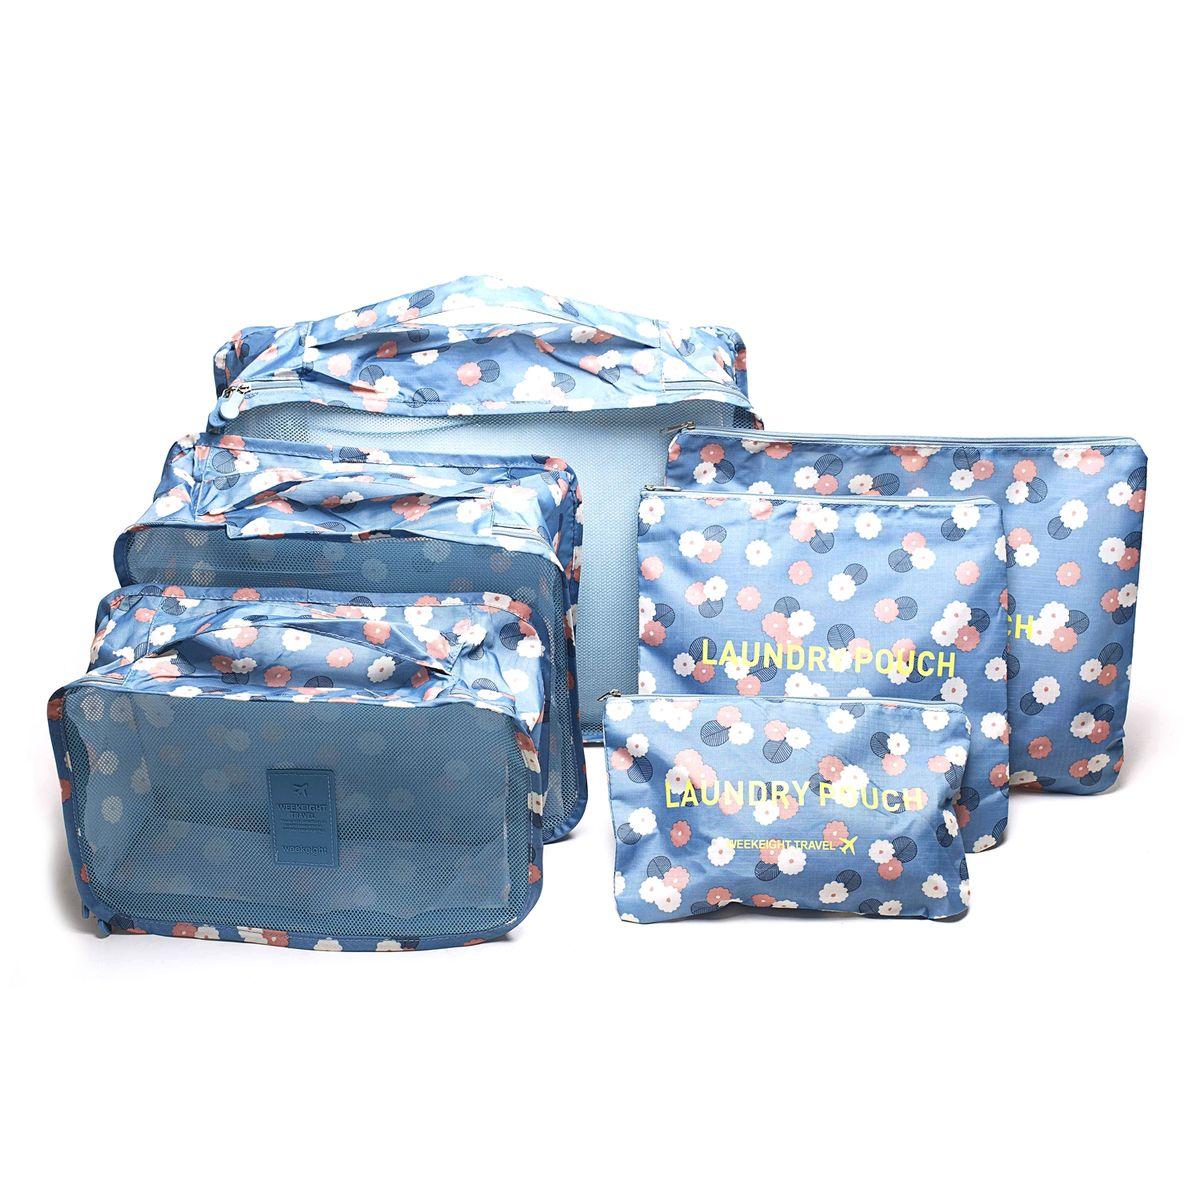 Набор органайзеров для багажа Homsu Цветок, цвет: синий, белый, розовый, 6 предметов набор органайзеров valiant vintage цвет бежевый 18 x 12 x 5 см 12 x 12 x 5 см vn s2p